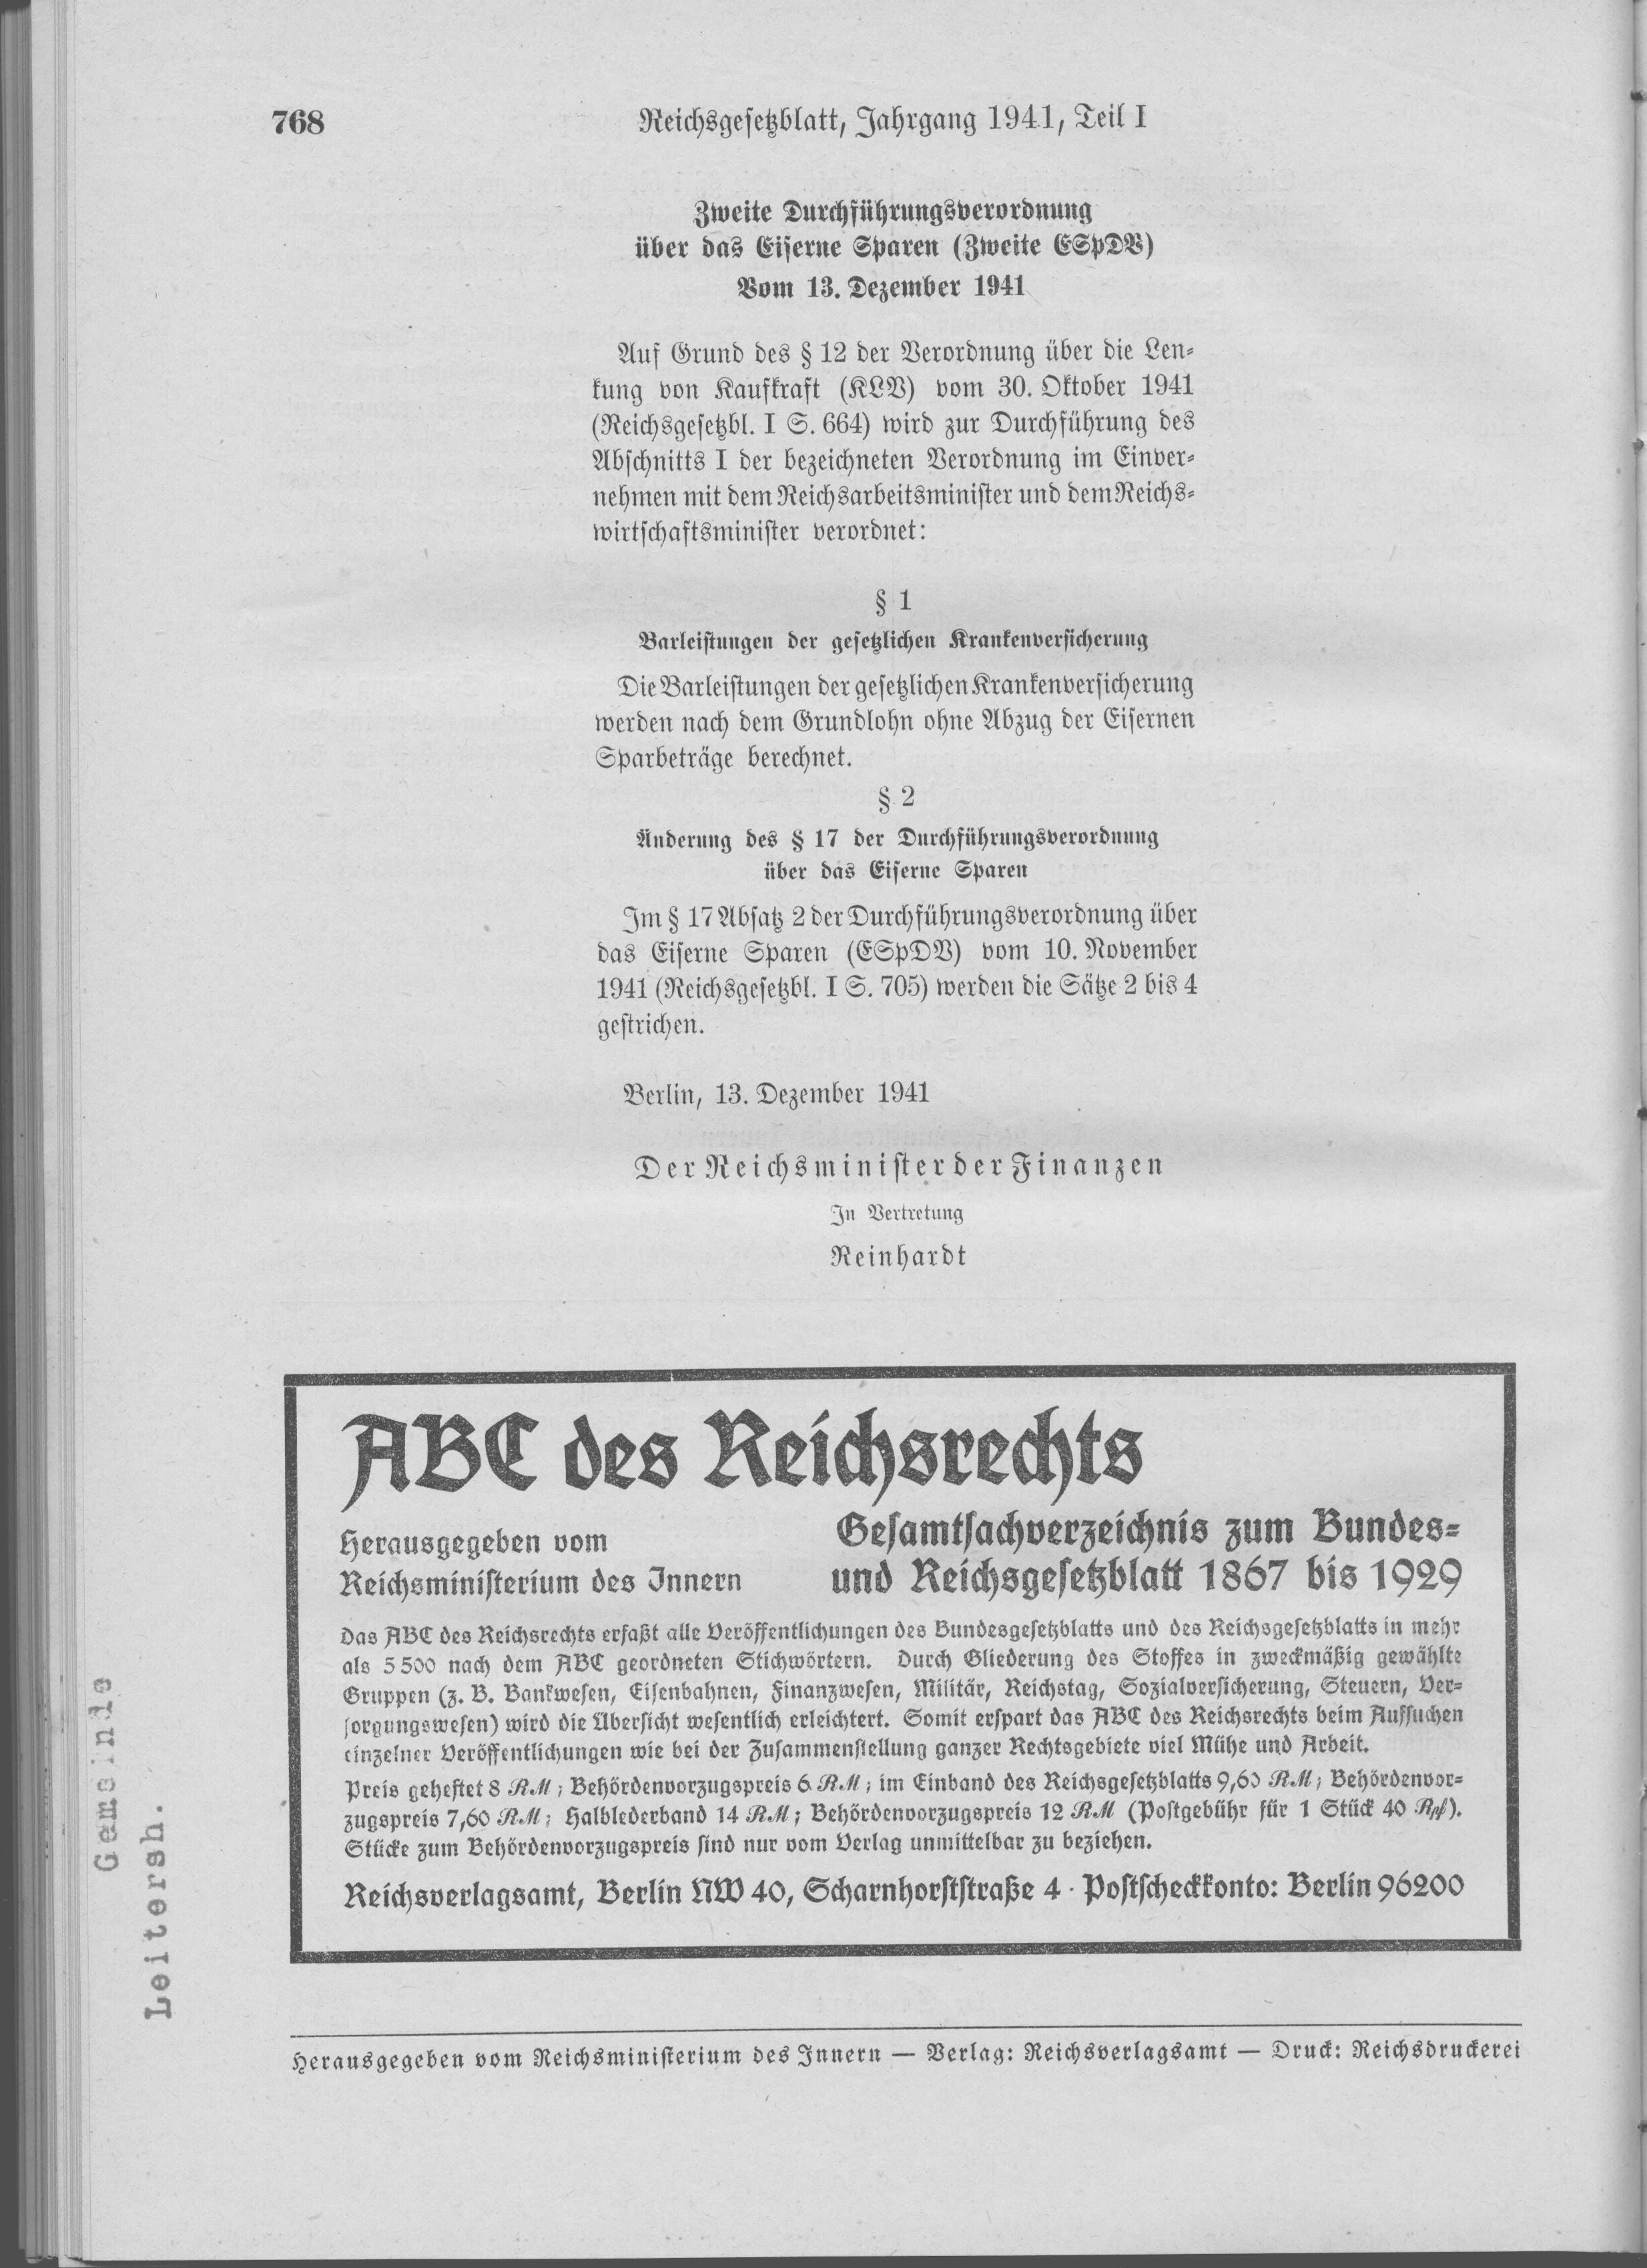 File:Deutsches Reichsgesetzblatt 41T1 140 0768.jpg - Wikimedia Commons